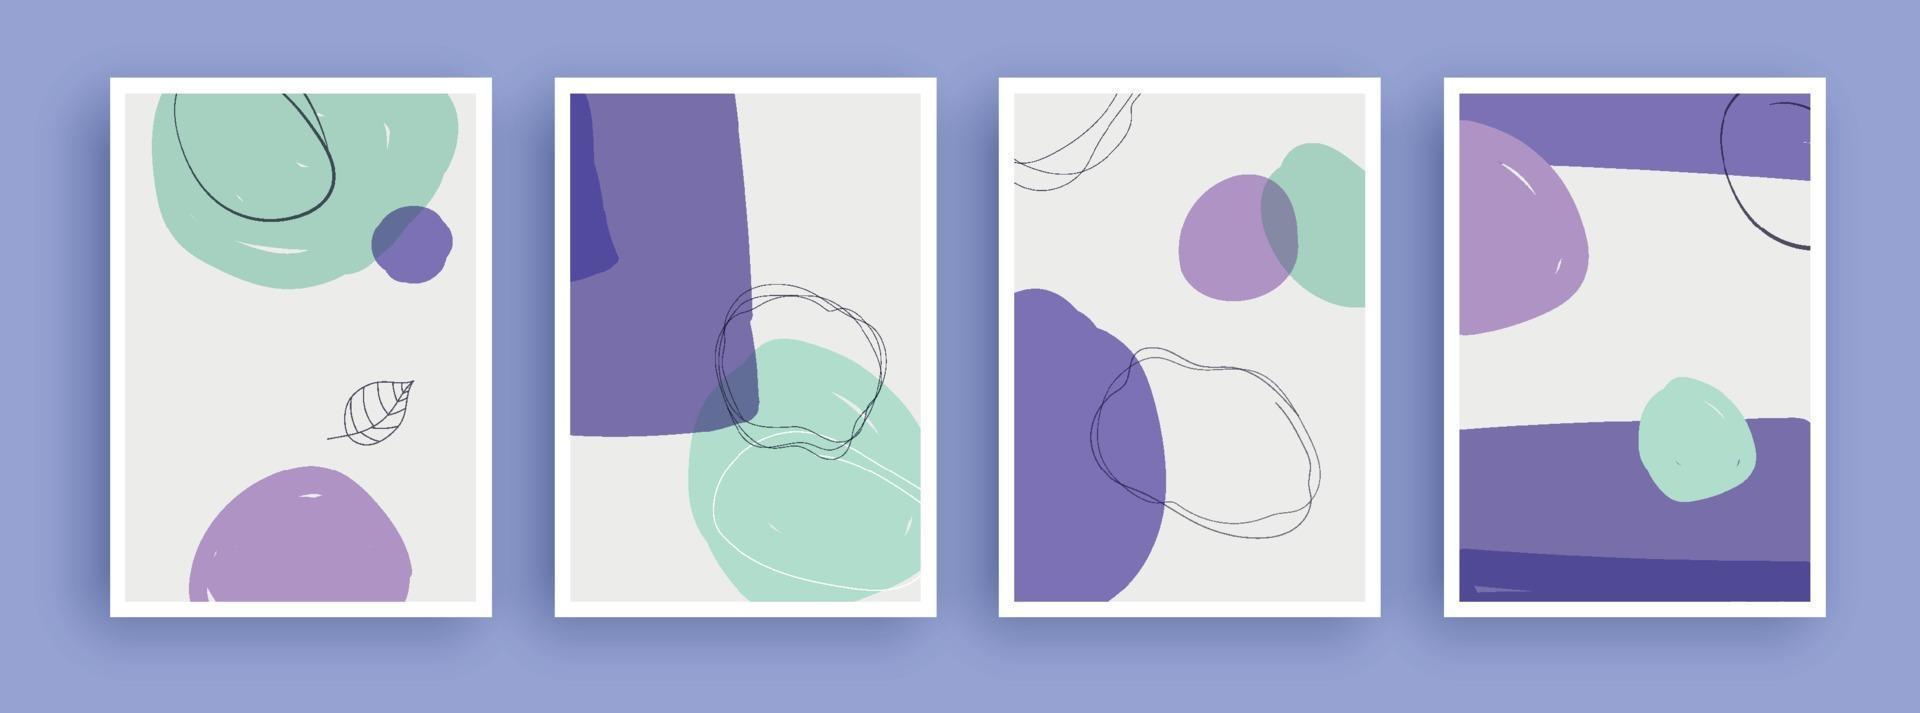 abstrakt konstmålning med pastellfärgad bakgrund. minimalistiska geometriska element och handritad linje. skandinavisk nordisk stil från mitten av århundradet. vektor